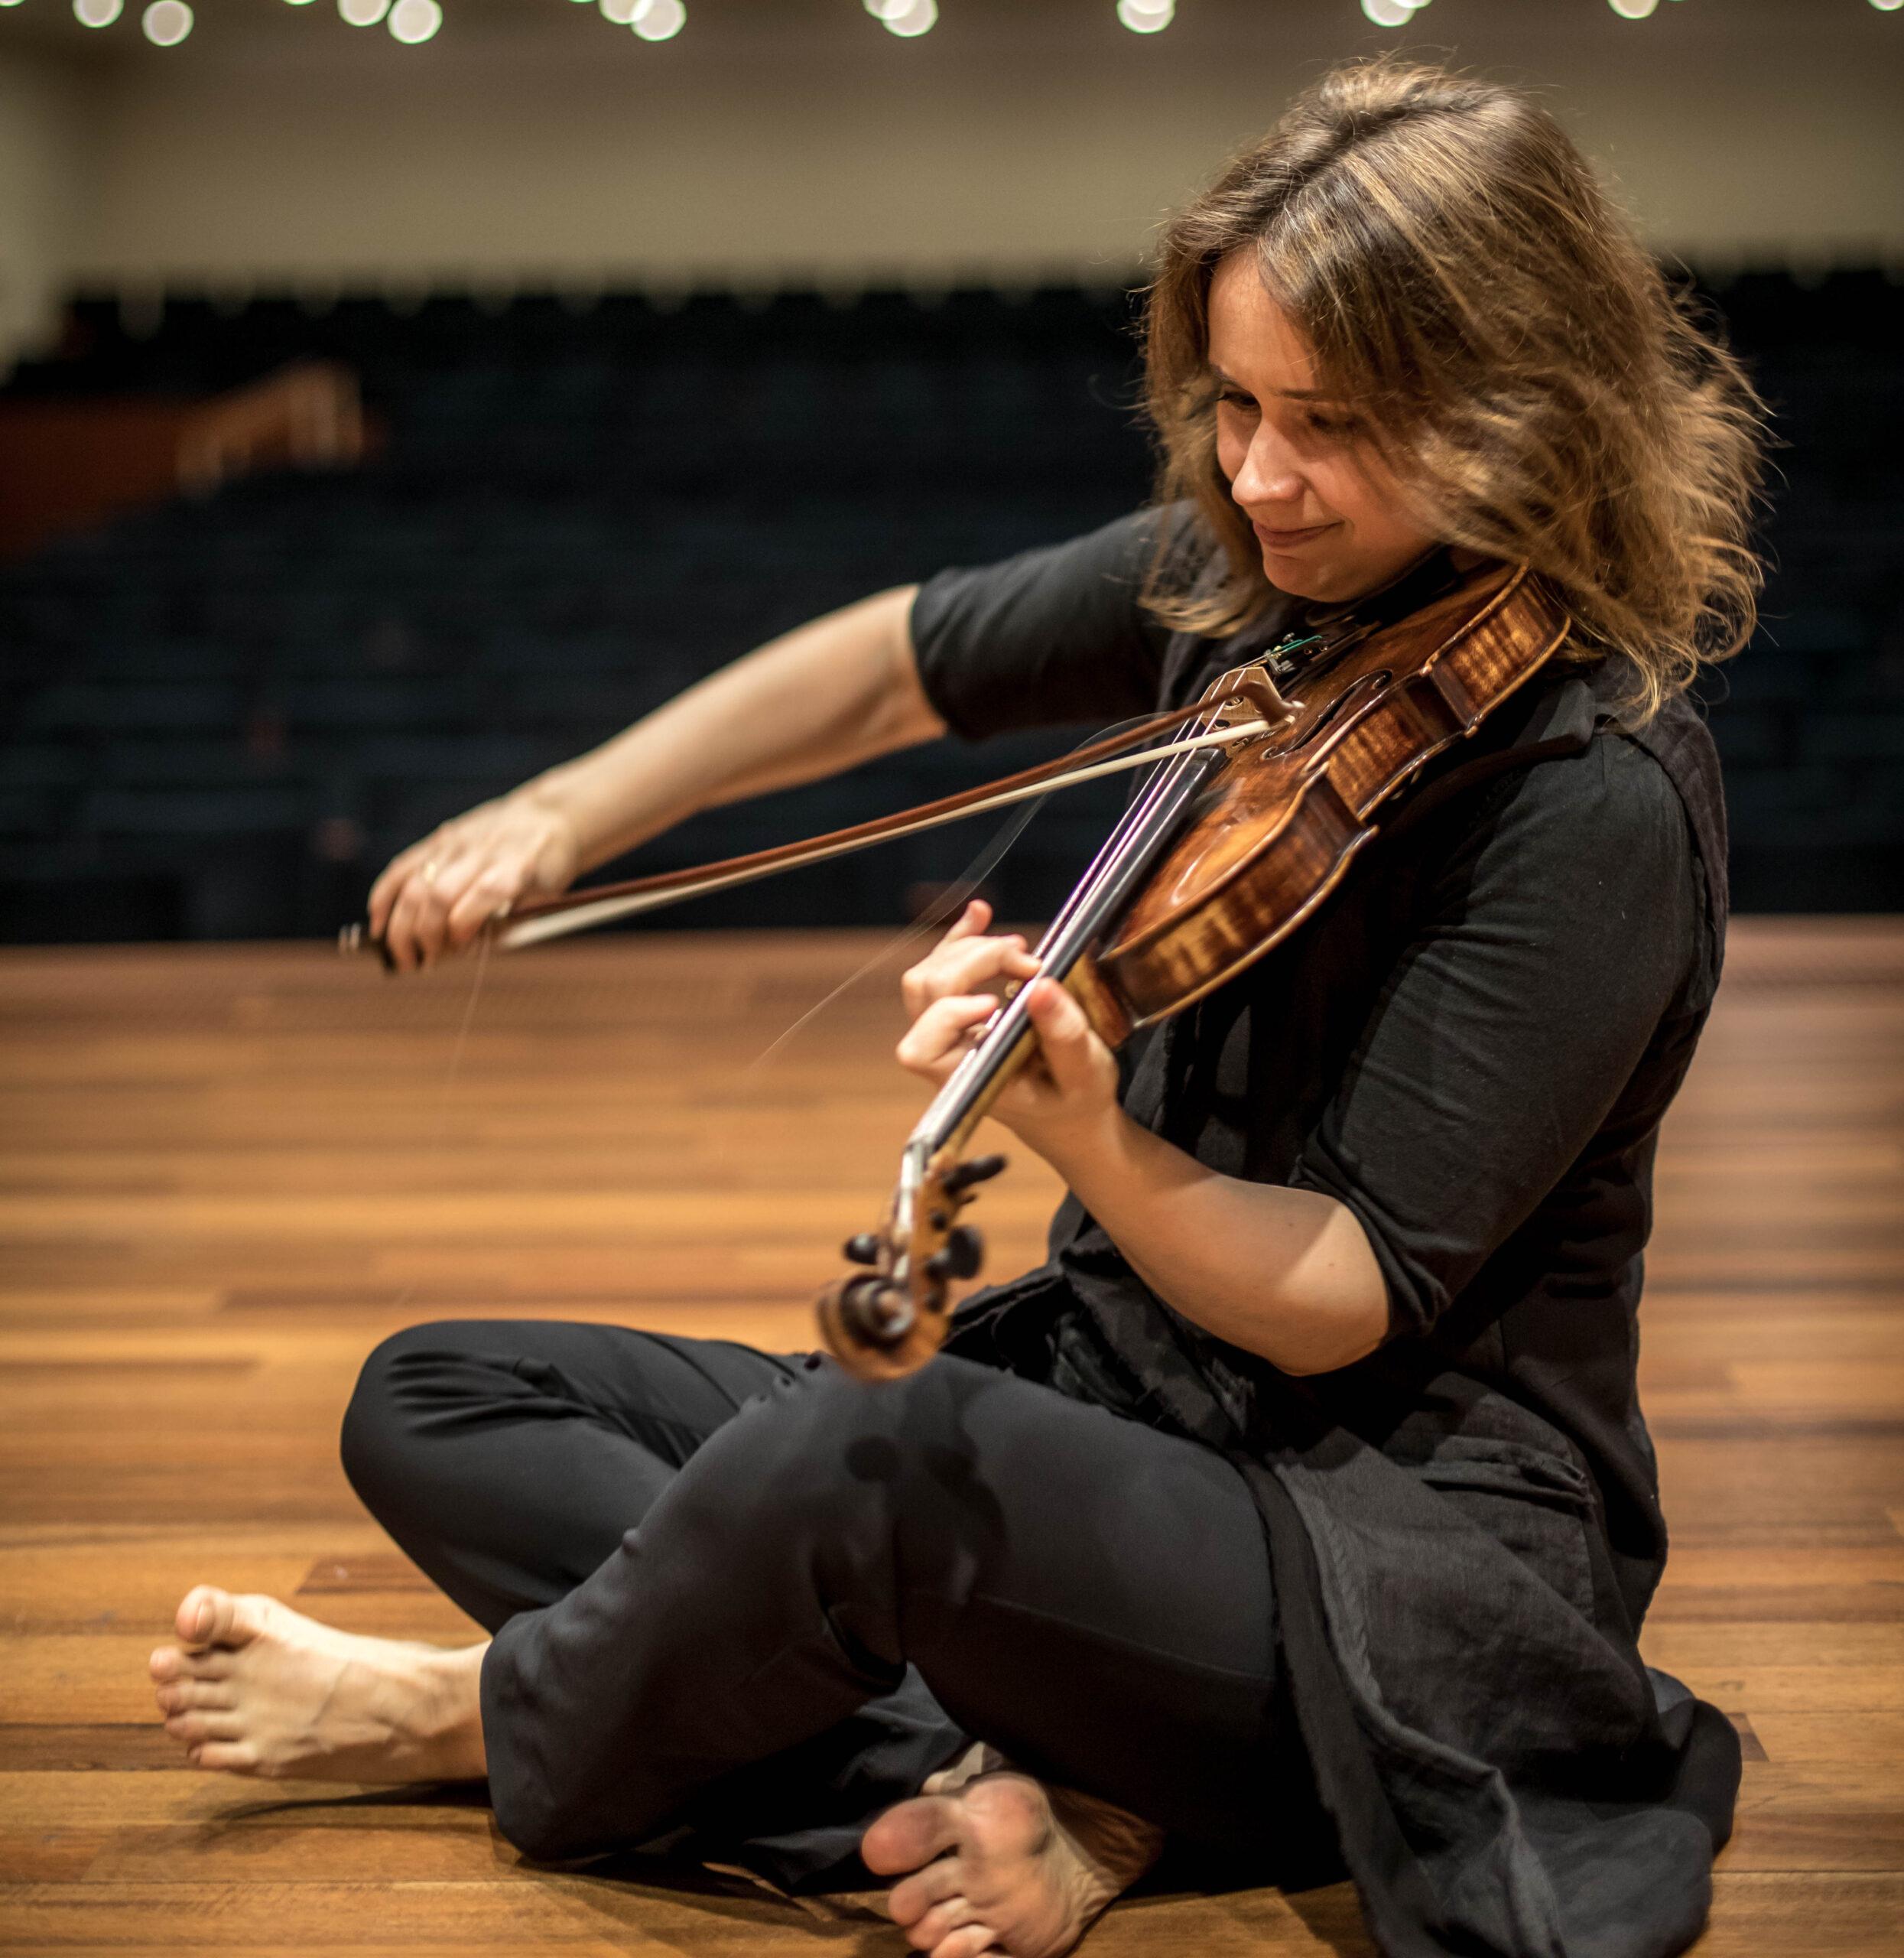 """Als Nicht-Österreicherin könne das Mädel doch keinen Mozart spielen, hieß es. All diese Erfahrungen hinterließen Spuren. Patricia Kopatchinskaja lernte, sich anzupassen. In jeder Kultur, überall. Zugleich wurde ihr bewusst: """"Letztlich kann ich mich nur auf mich selber verlassen."""" © https://en.patriciakopatchinskaja.com/photo-albums"""